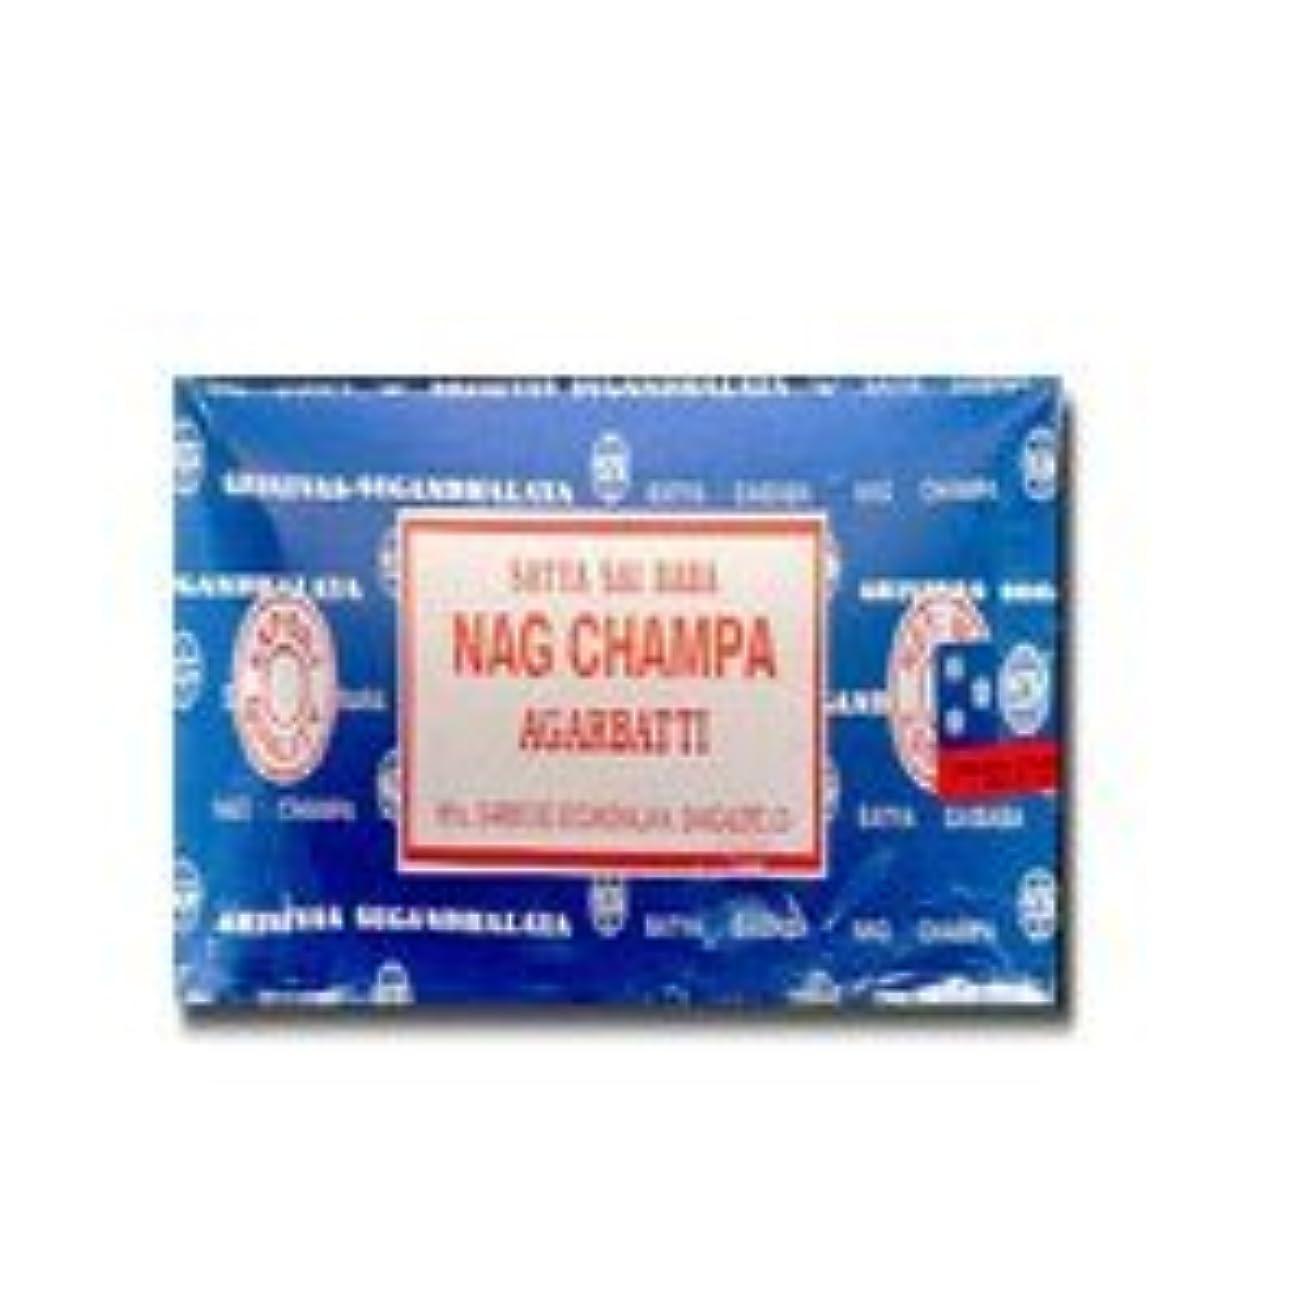 評決美的有効Nag Champa Incense 40 Gms by Sai Baba (Pack of 2) [並行輸入品]